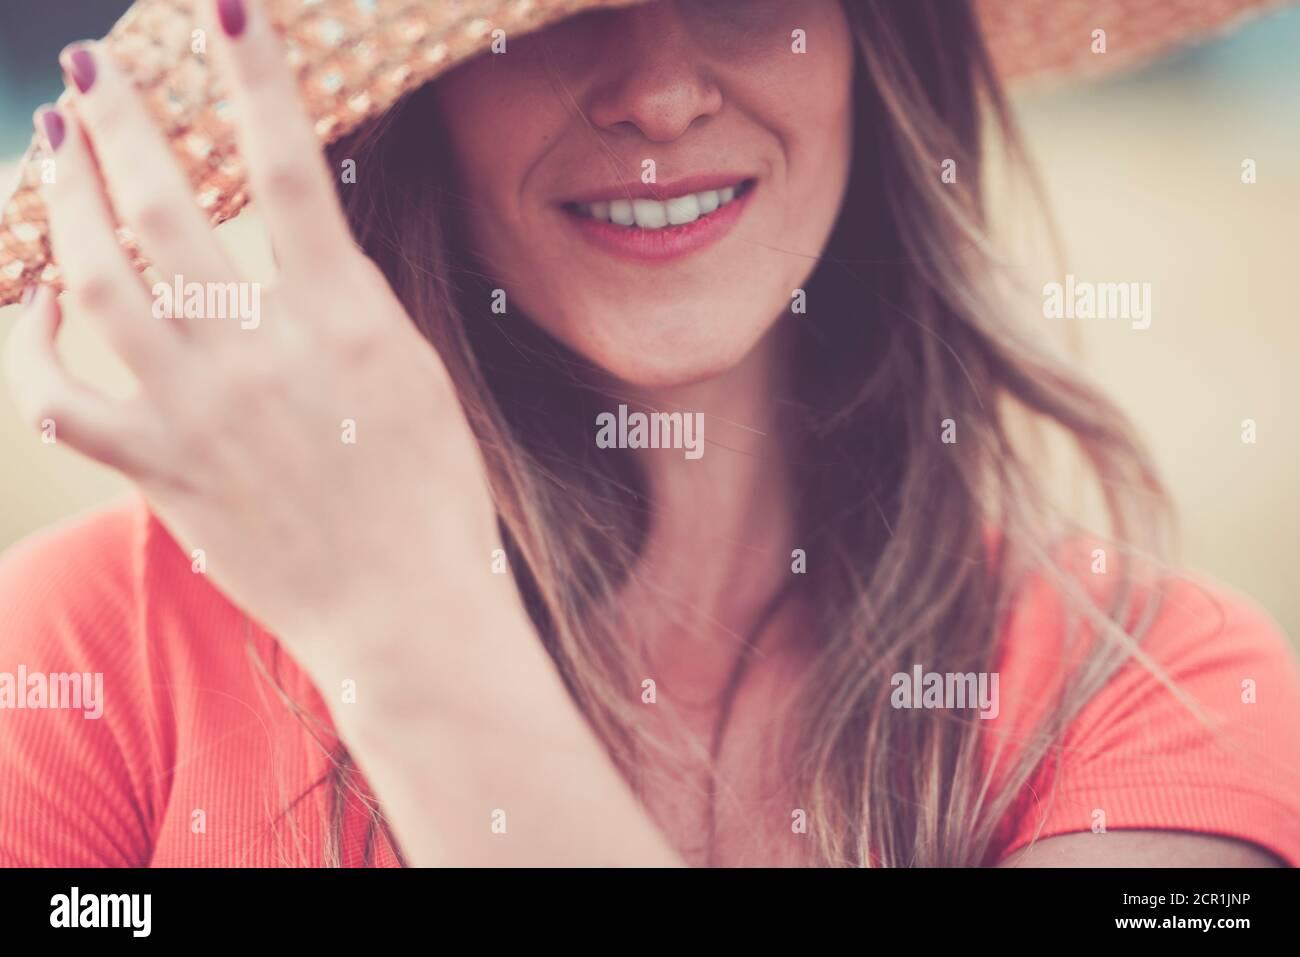 Nahaufnahme Frau Porträt in vintage rosa Töne mit fröhlich Und glücklich versteckte Augen junge kaukasische Dame mit lange schön Haar und Hut - Konzept von Stockfoto